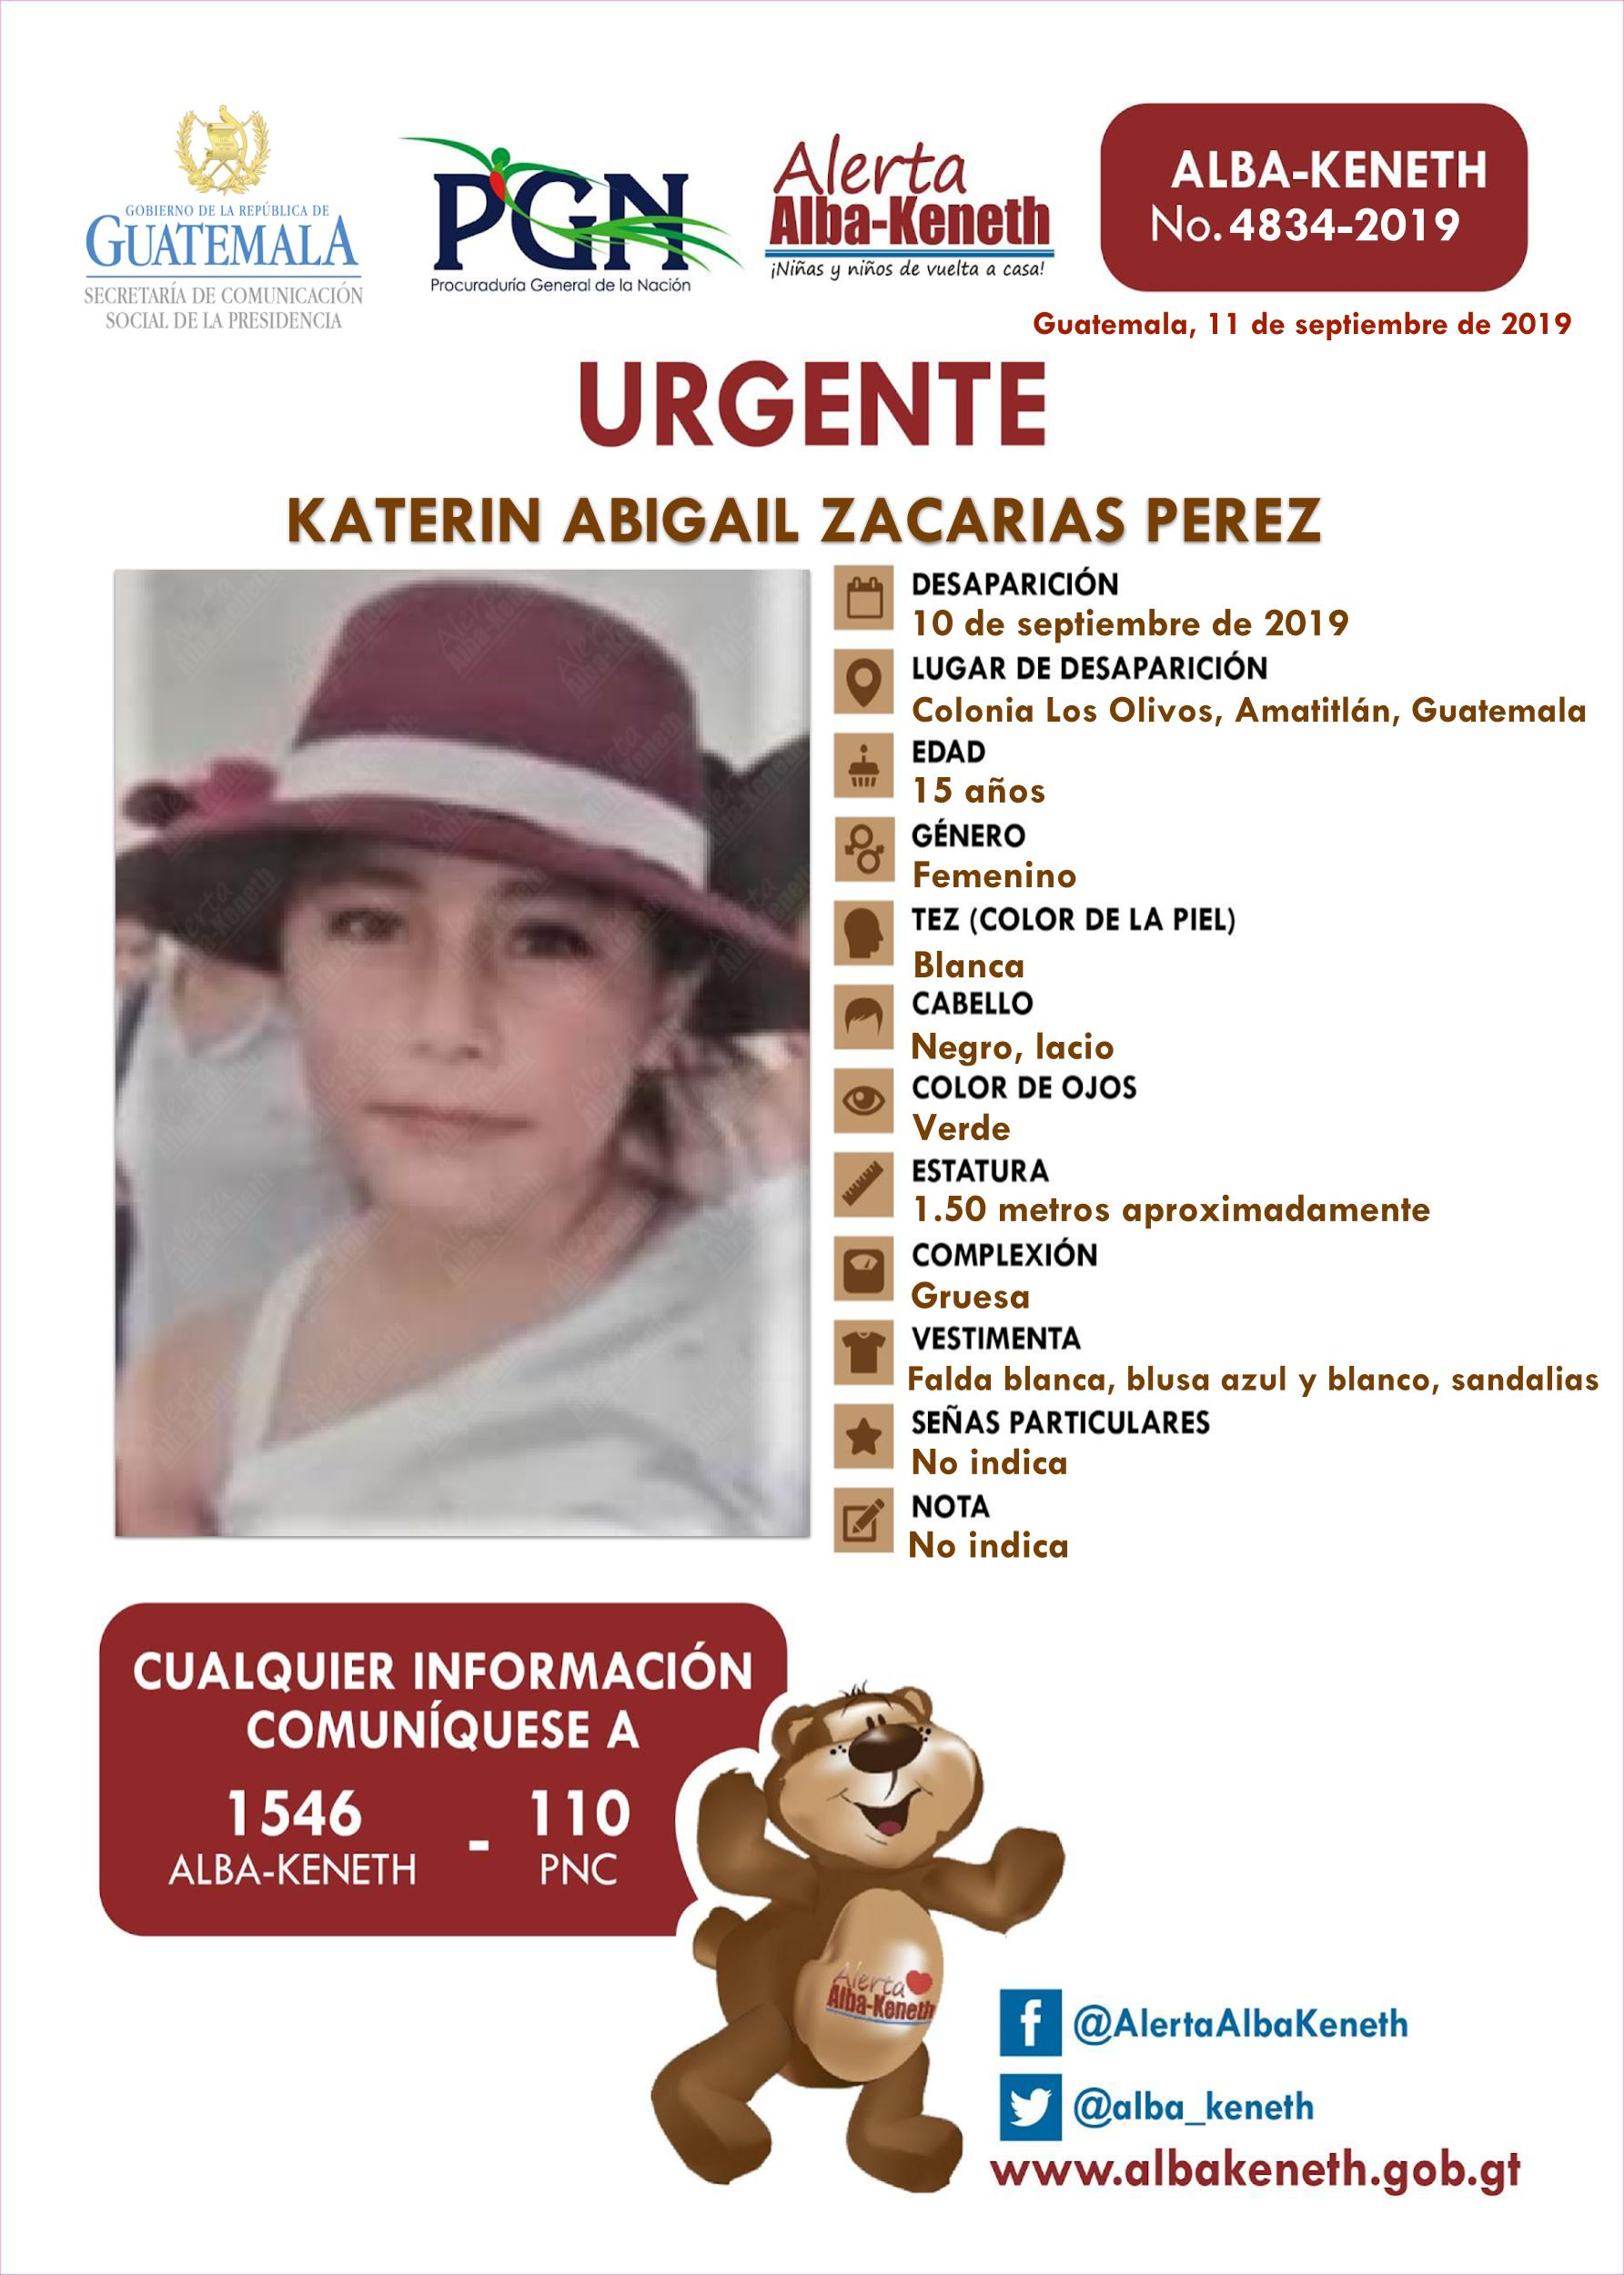 Katerin Abigail Zacarias Perez